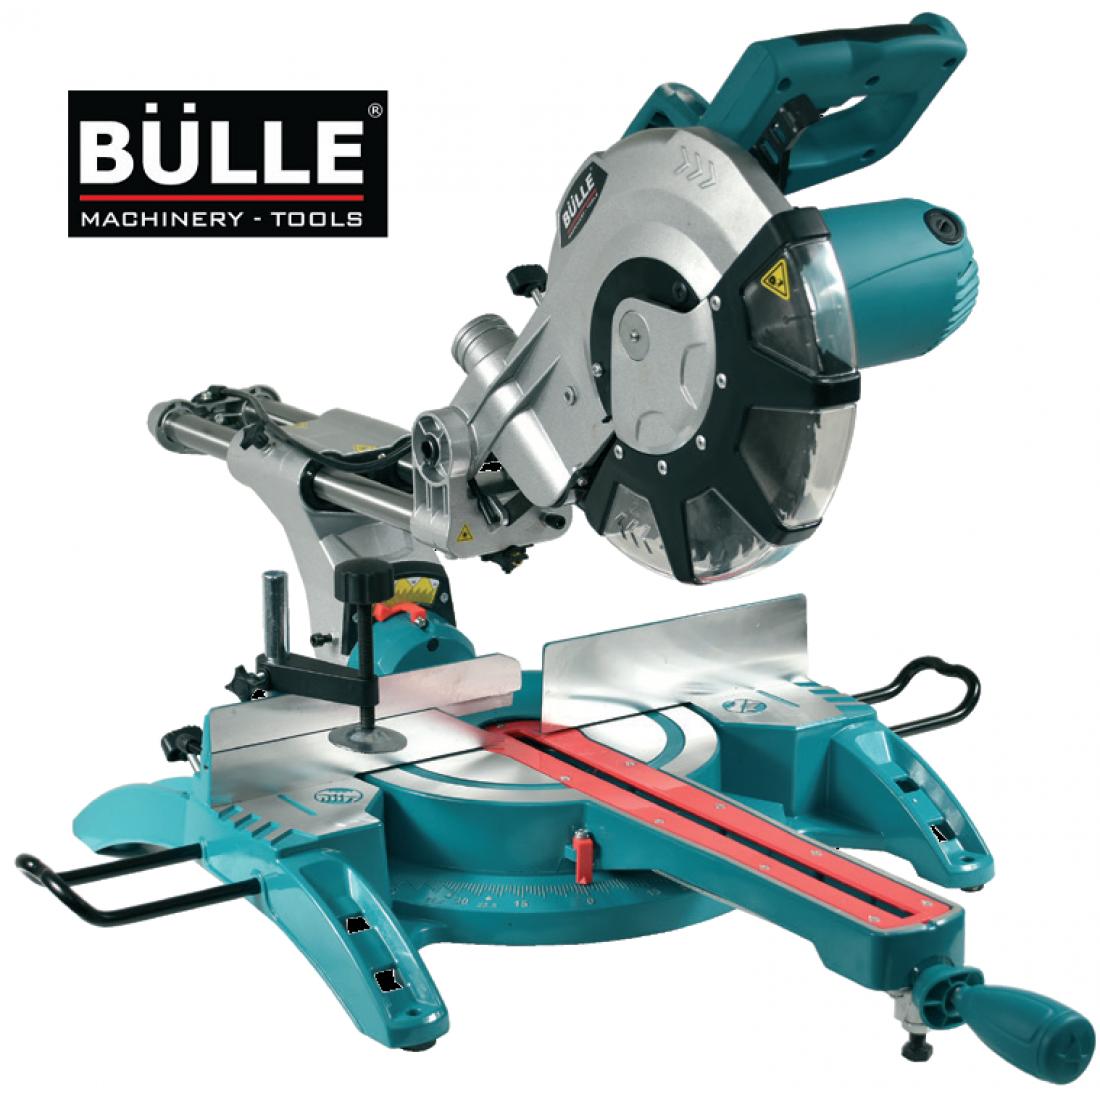 Φαλτσοπρίονο Bulle Radial 2100 Watt 255mm με λέϊζερ